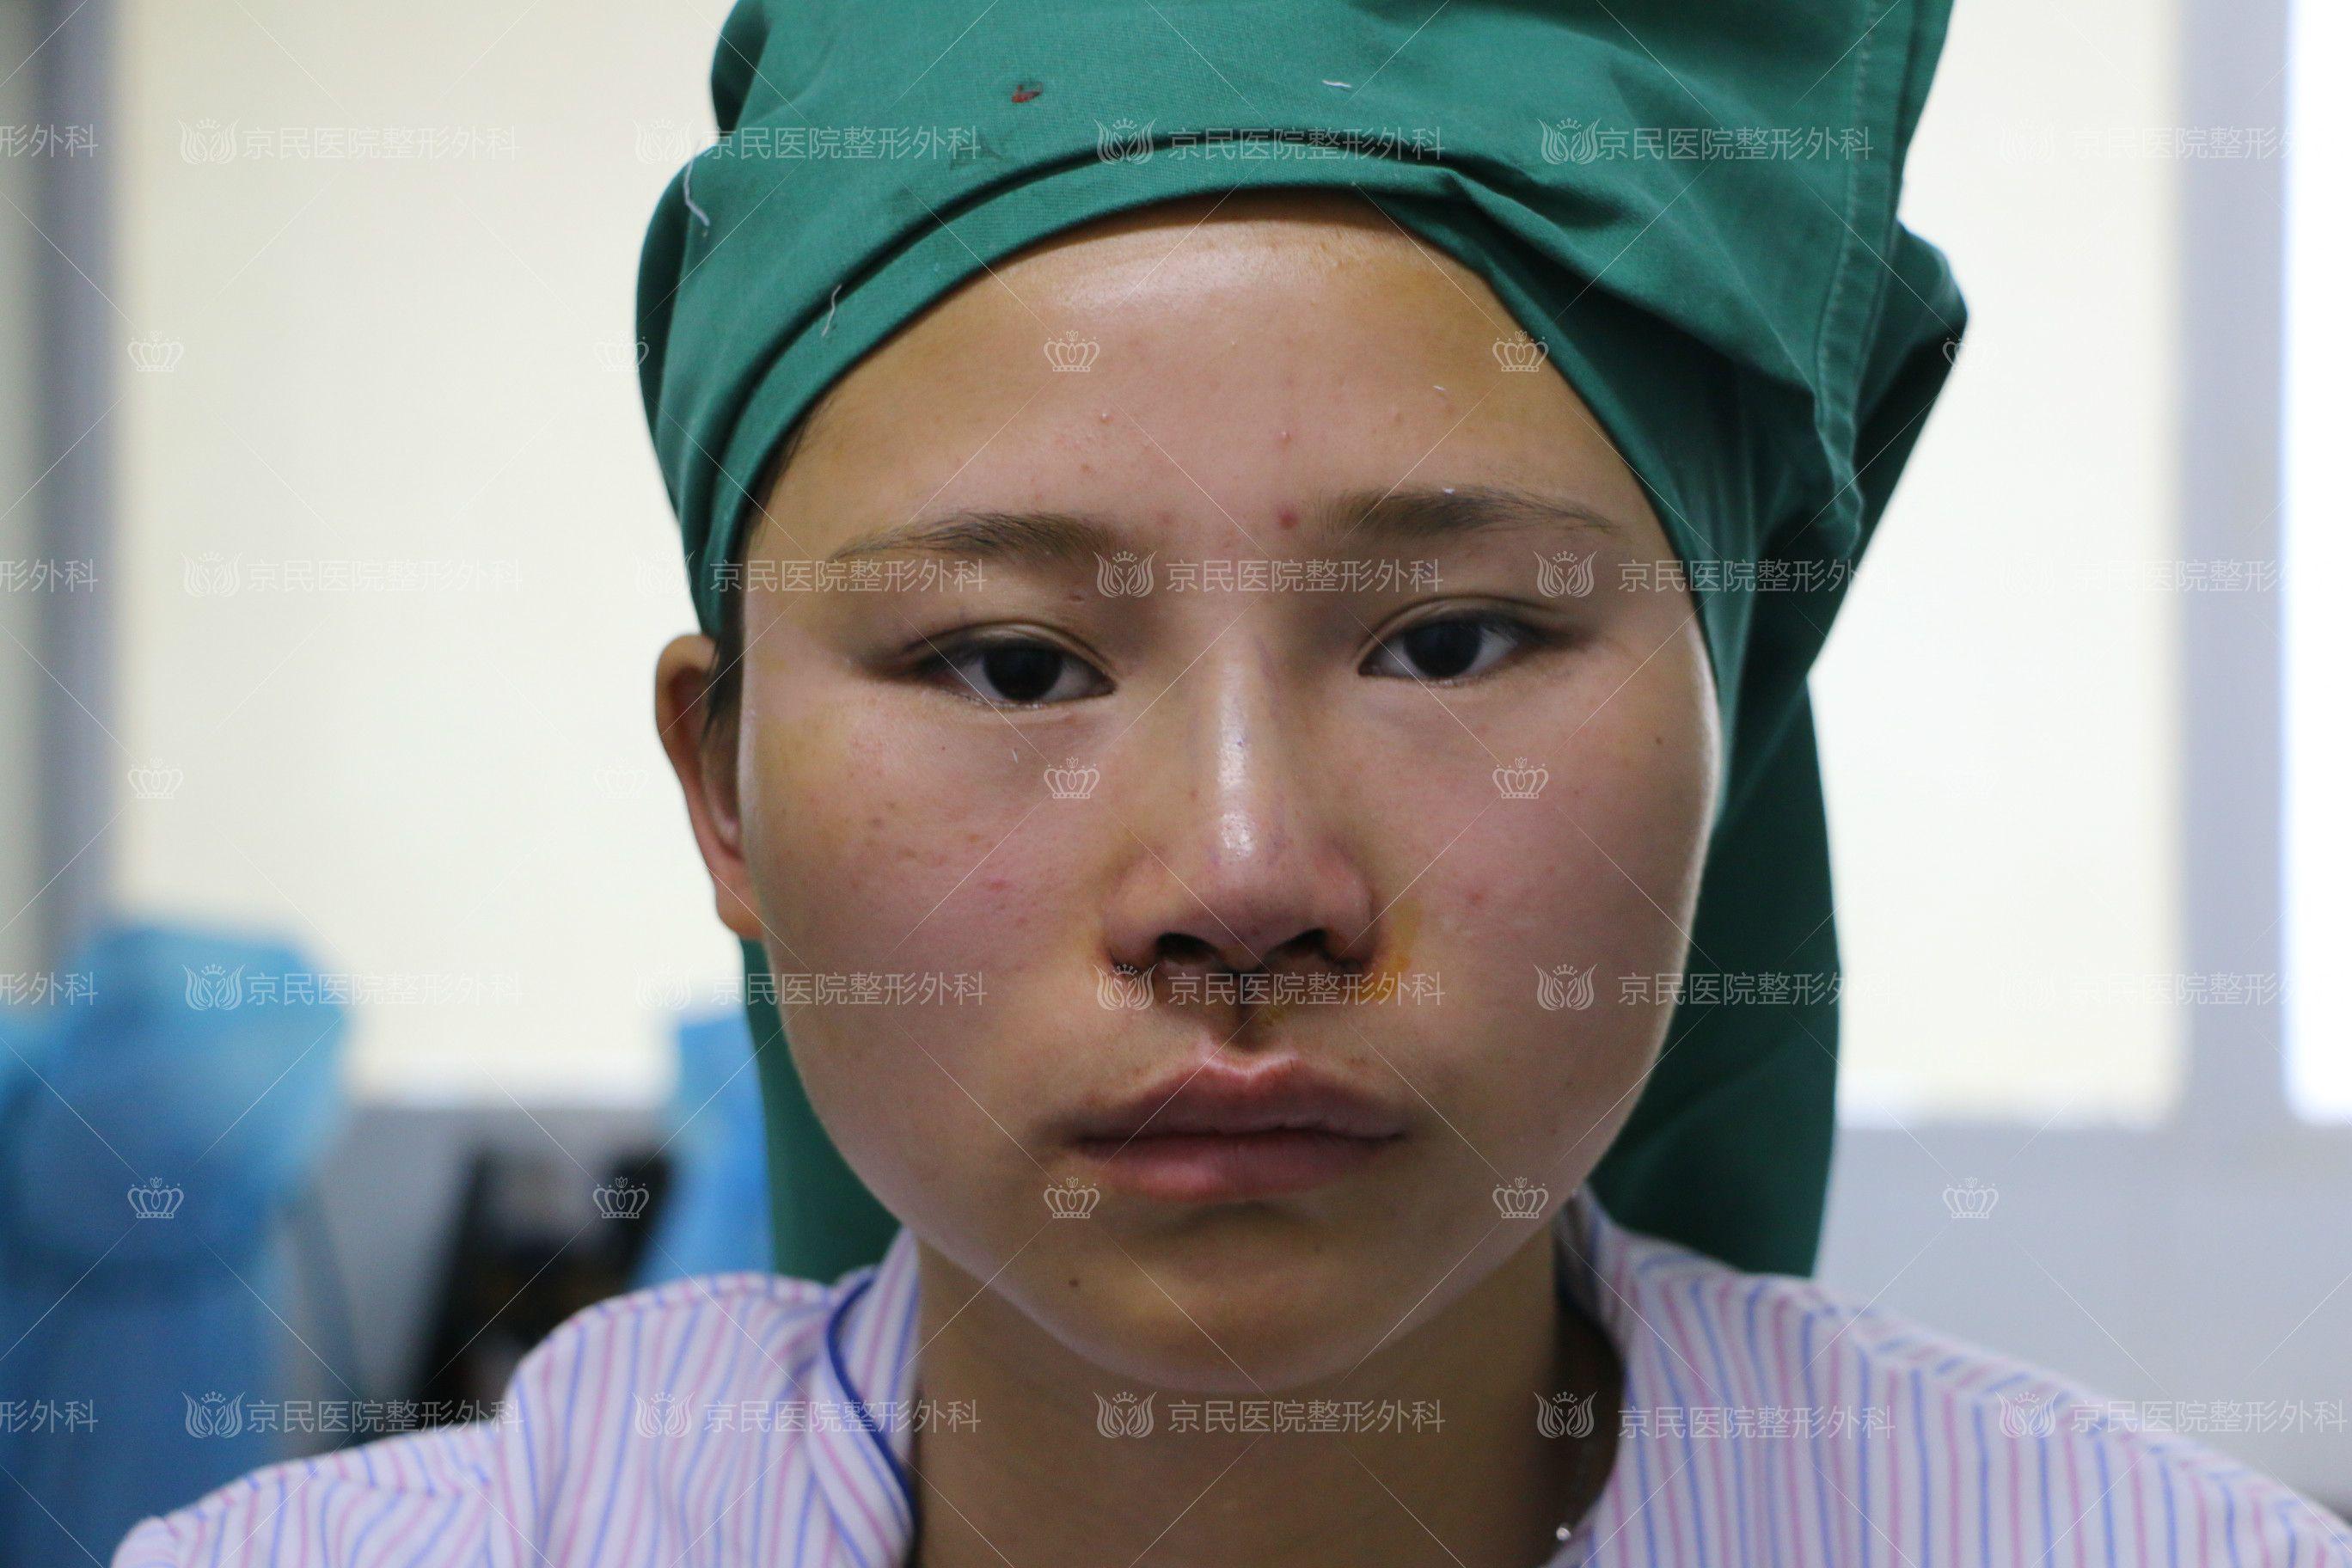 鼻综合手术_鼻综合手术